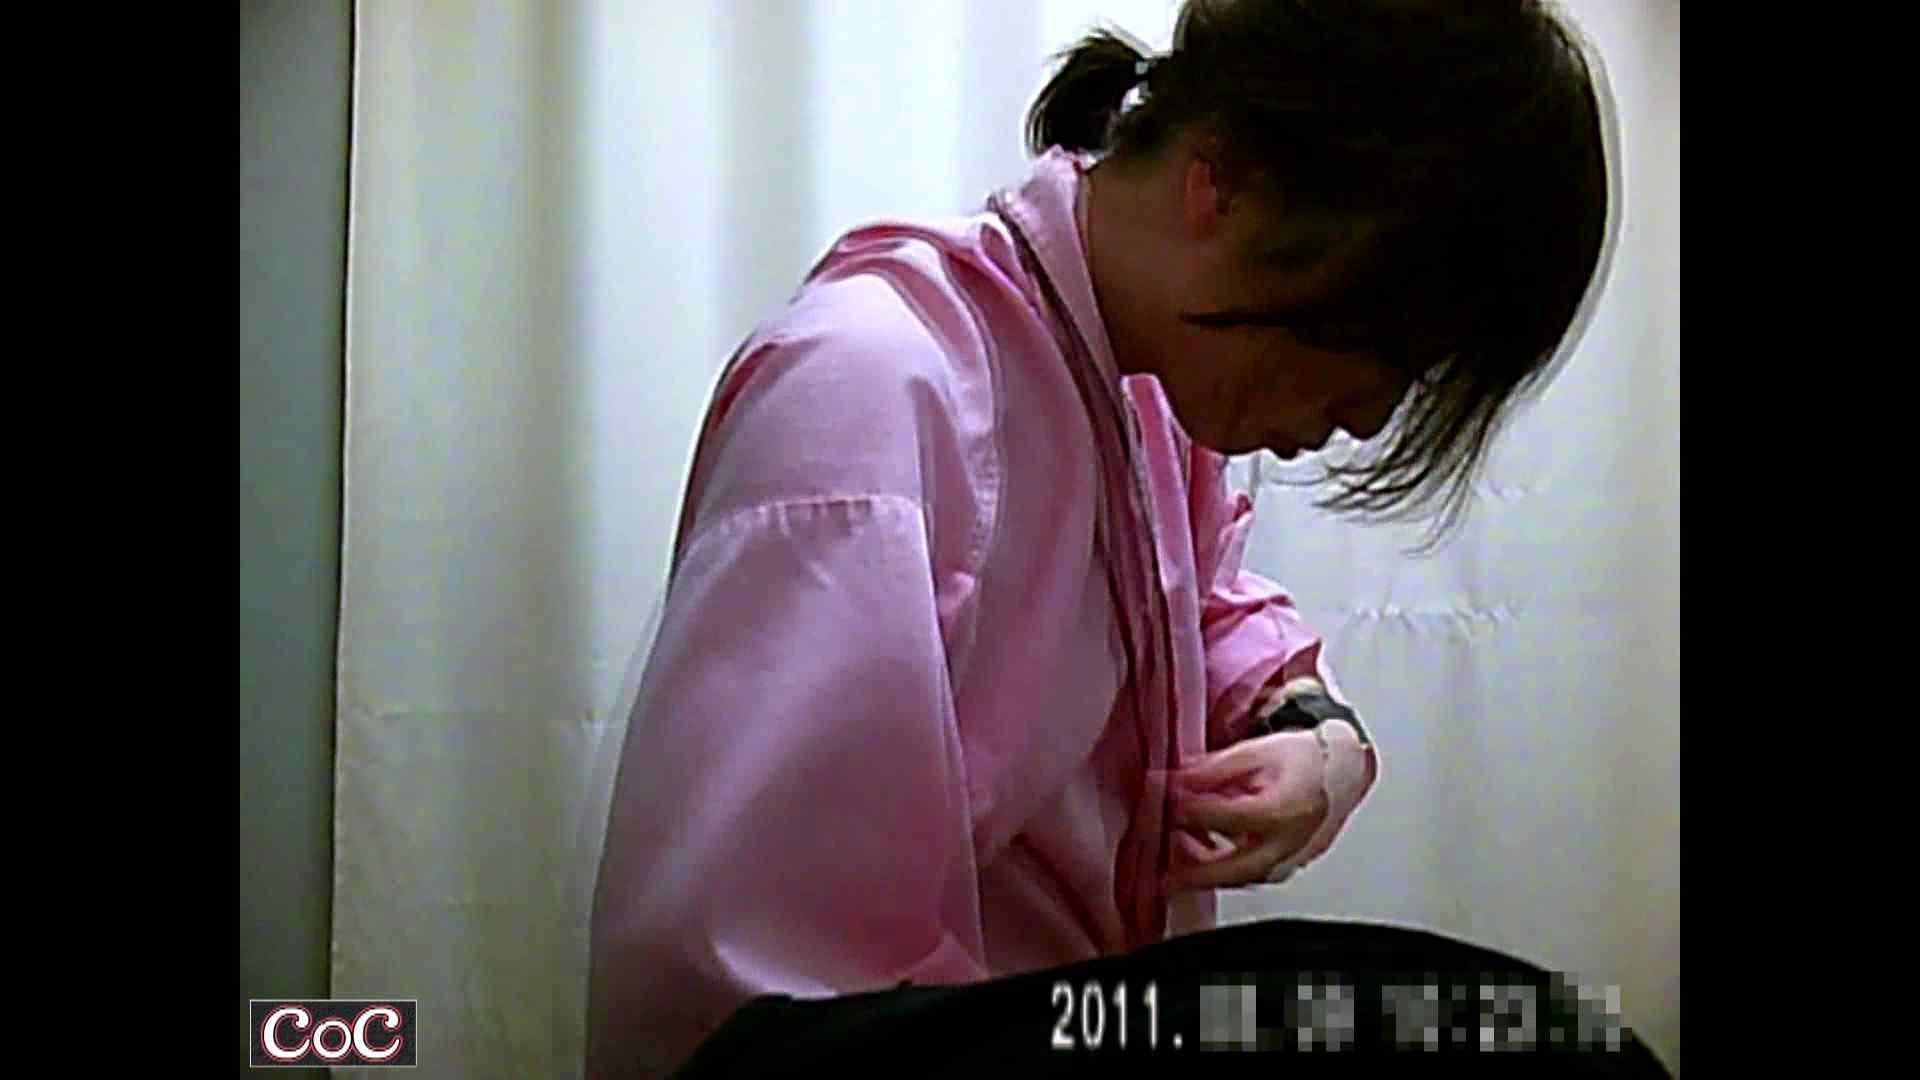 病院おもいっきり着替え! vol.13 着替え 隠し撮りすけべAV動画紹介 69画像 4